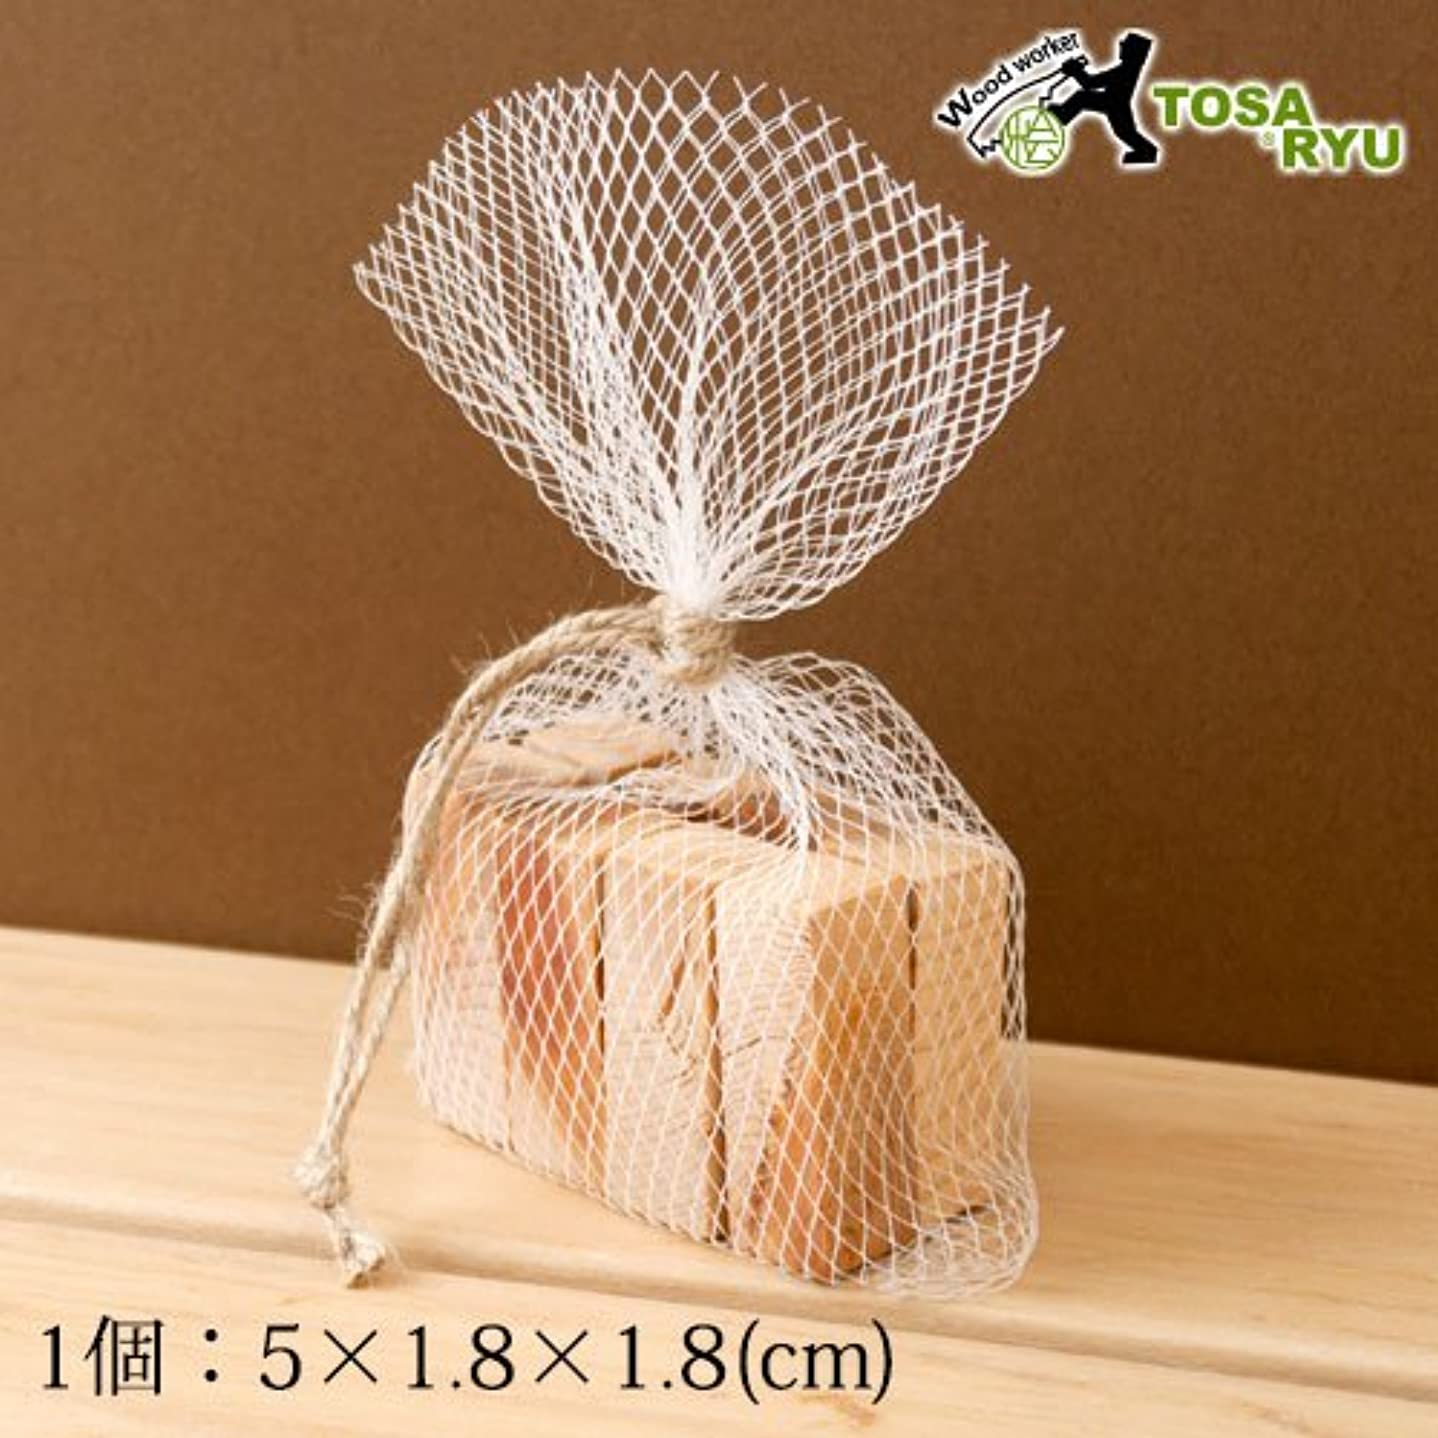 パノラマ震え幸運土佐龍アロマブロックメッシュ袋入り高知県の工芸品Bath additive of cypress, Kochi craft